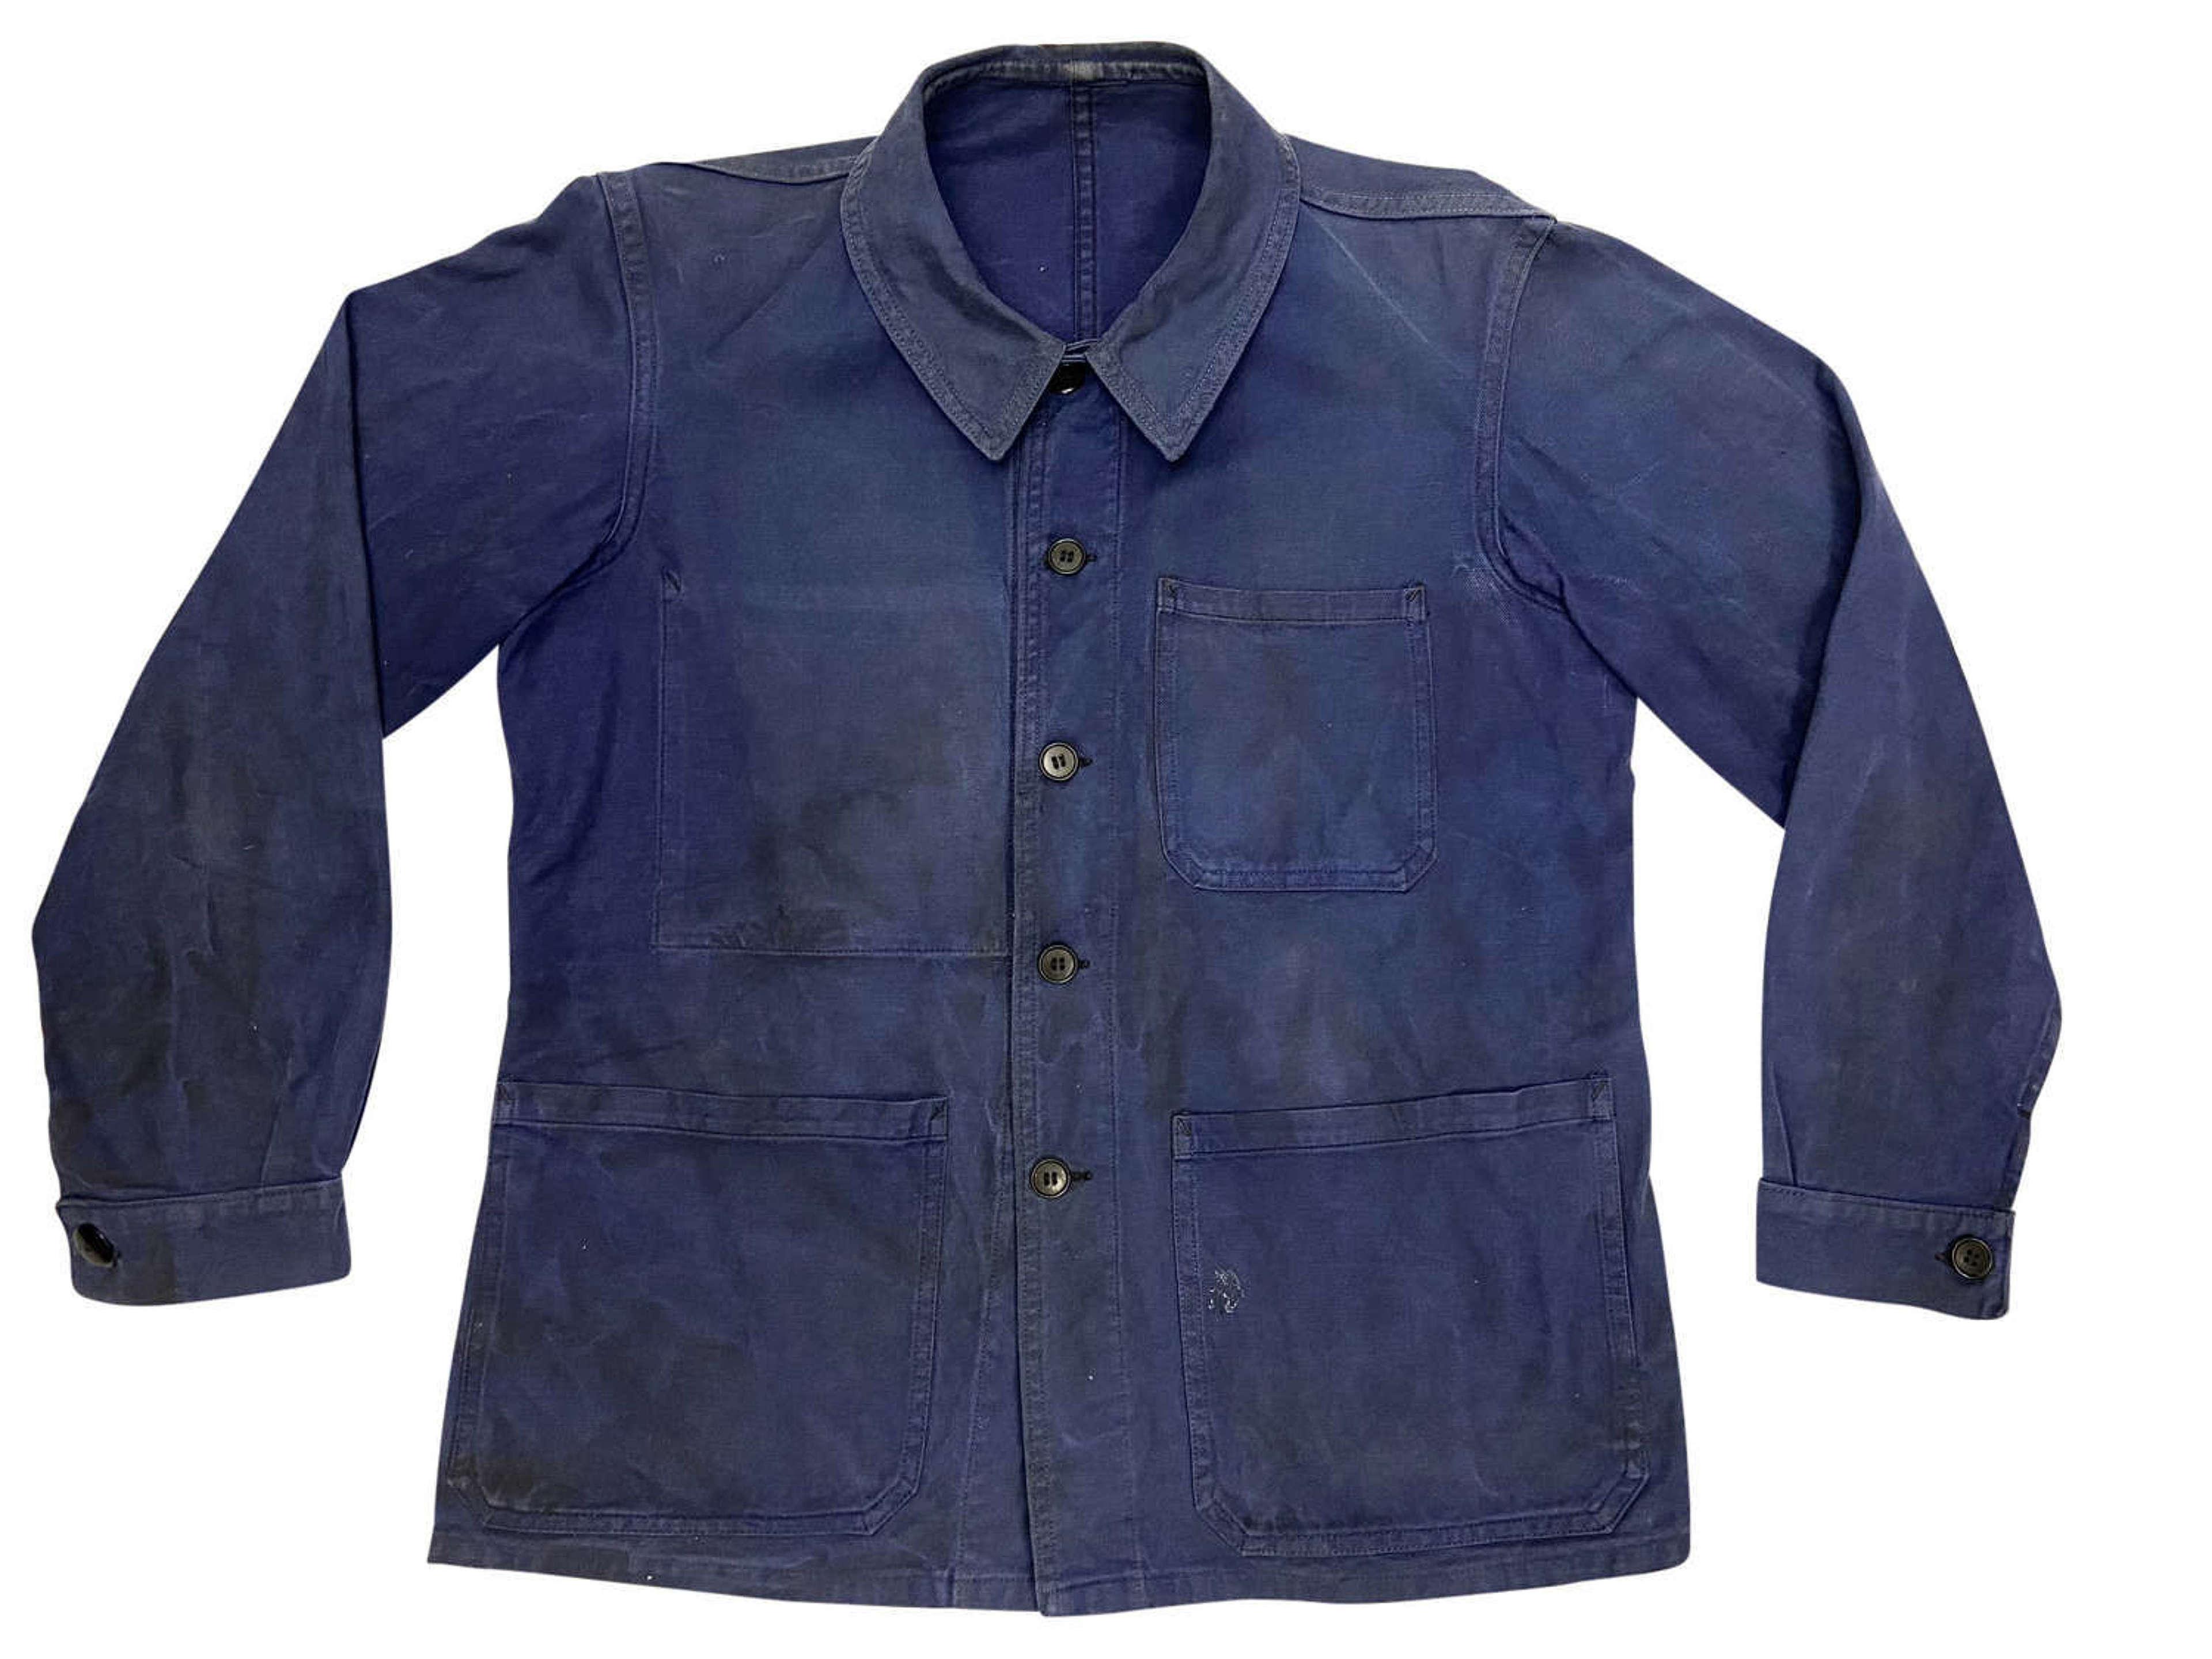 Original 1960s Blue French Workwear Chore Jacket